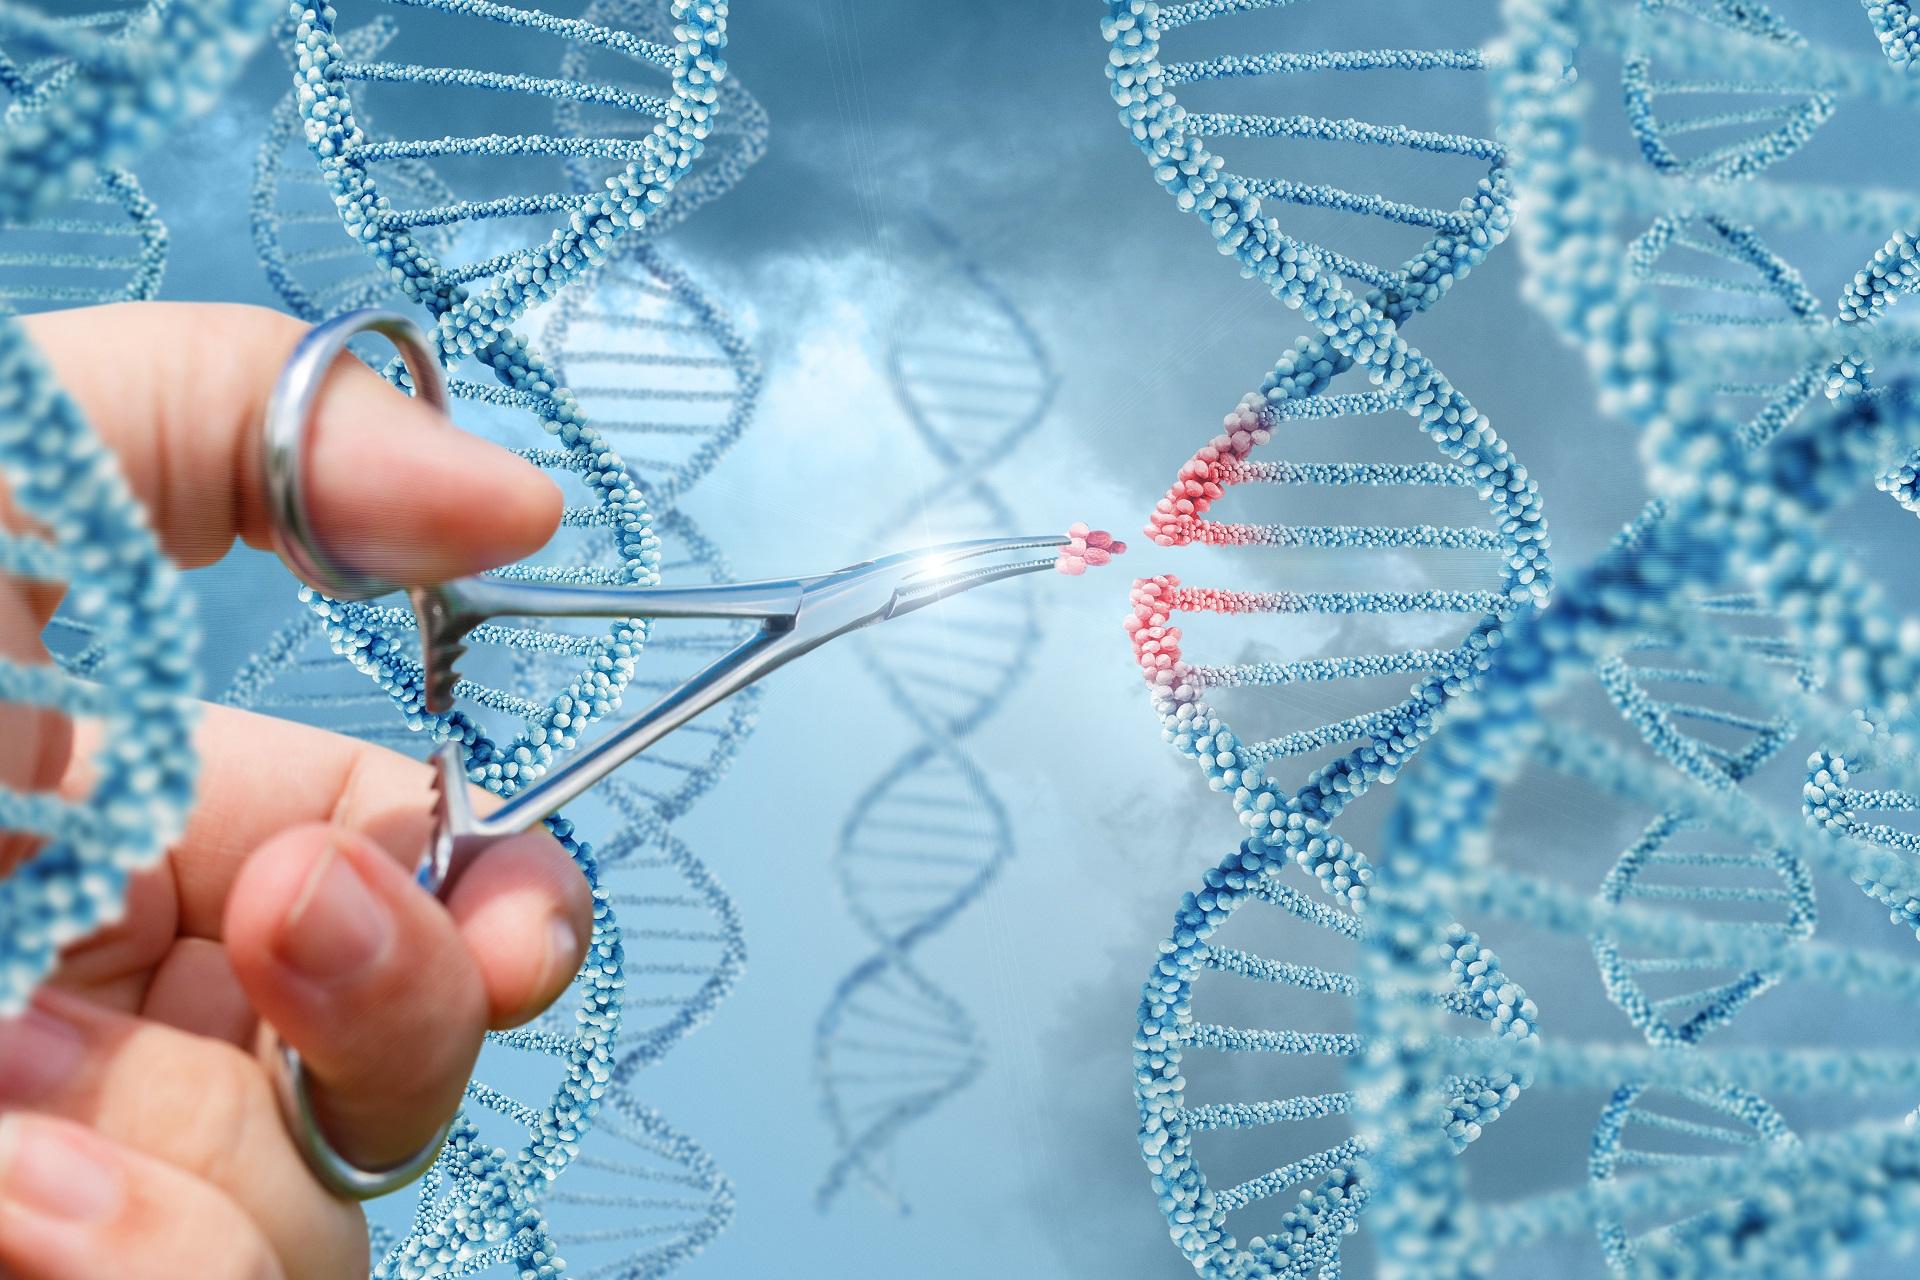 Terapia gênica, tratamento para doenças genéticas ainda experimental, que visa utilizando um vetor (vírus), a mudança de um gene mutado por um gene saudável